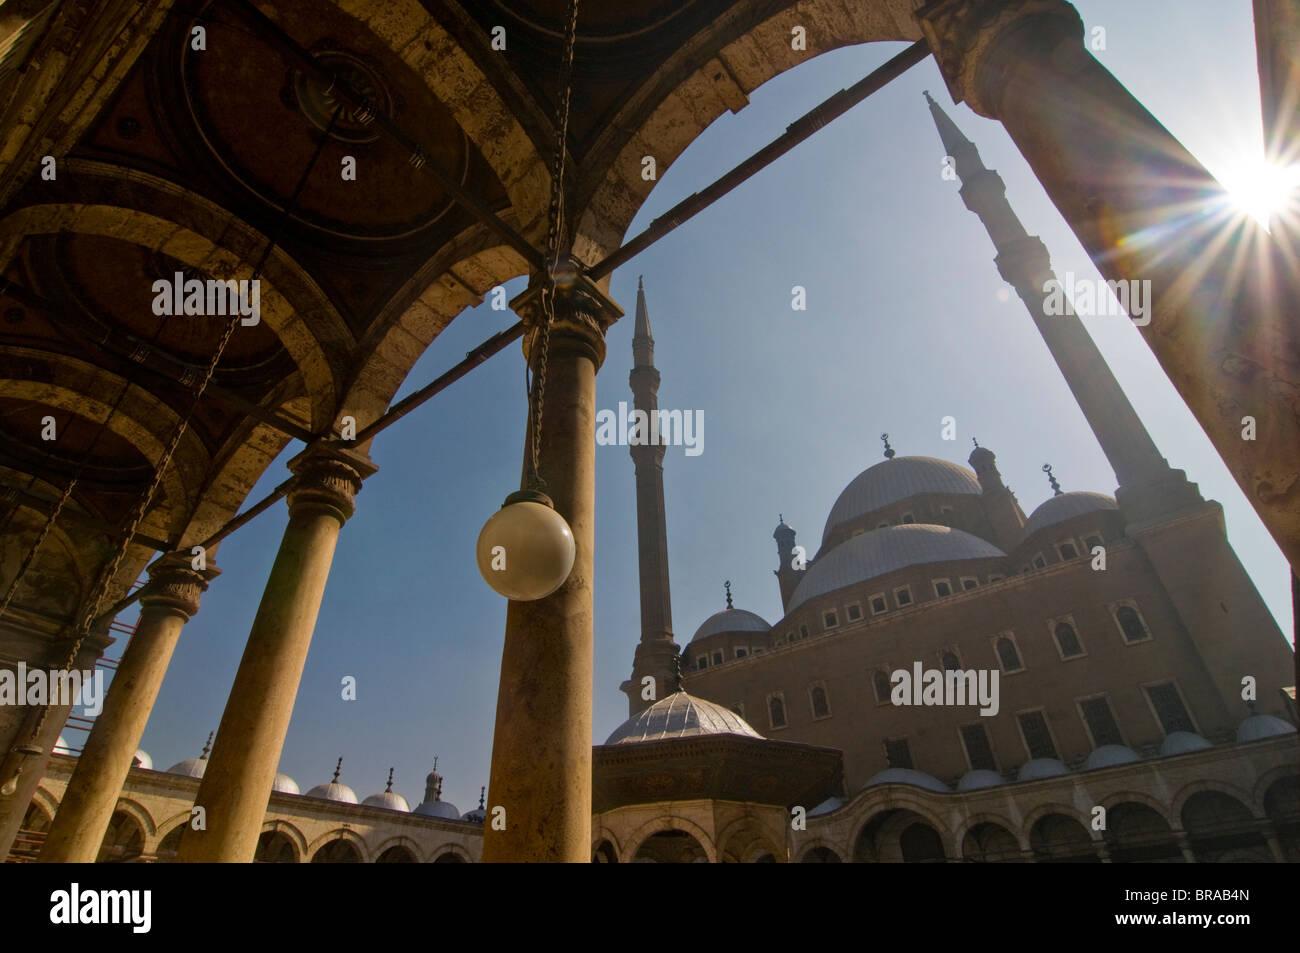 Mosquée de Mohammed Ali, Le Caire, Egypte, Afrique du Nord, Afrique Photo Stock